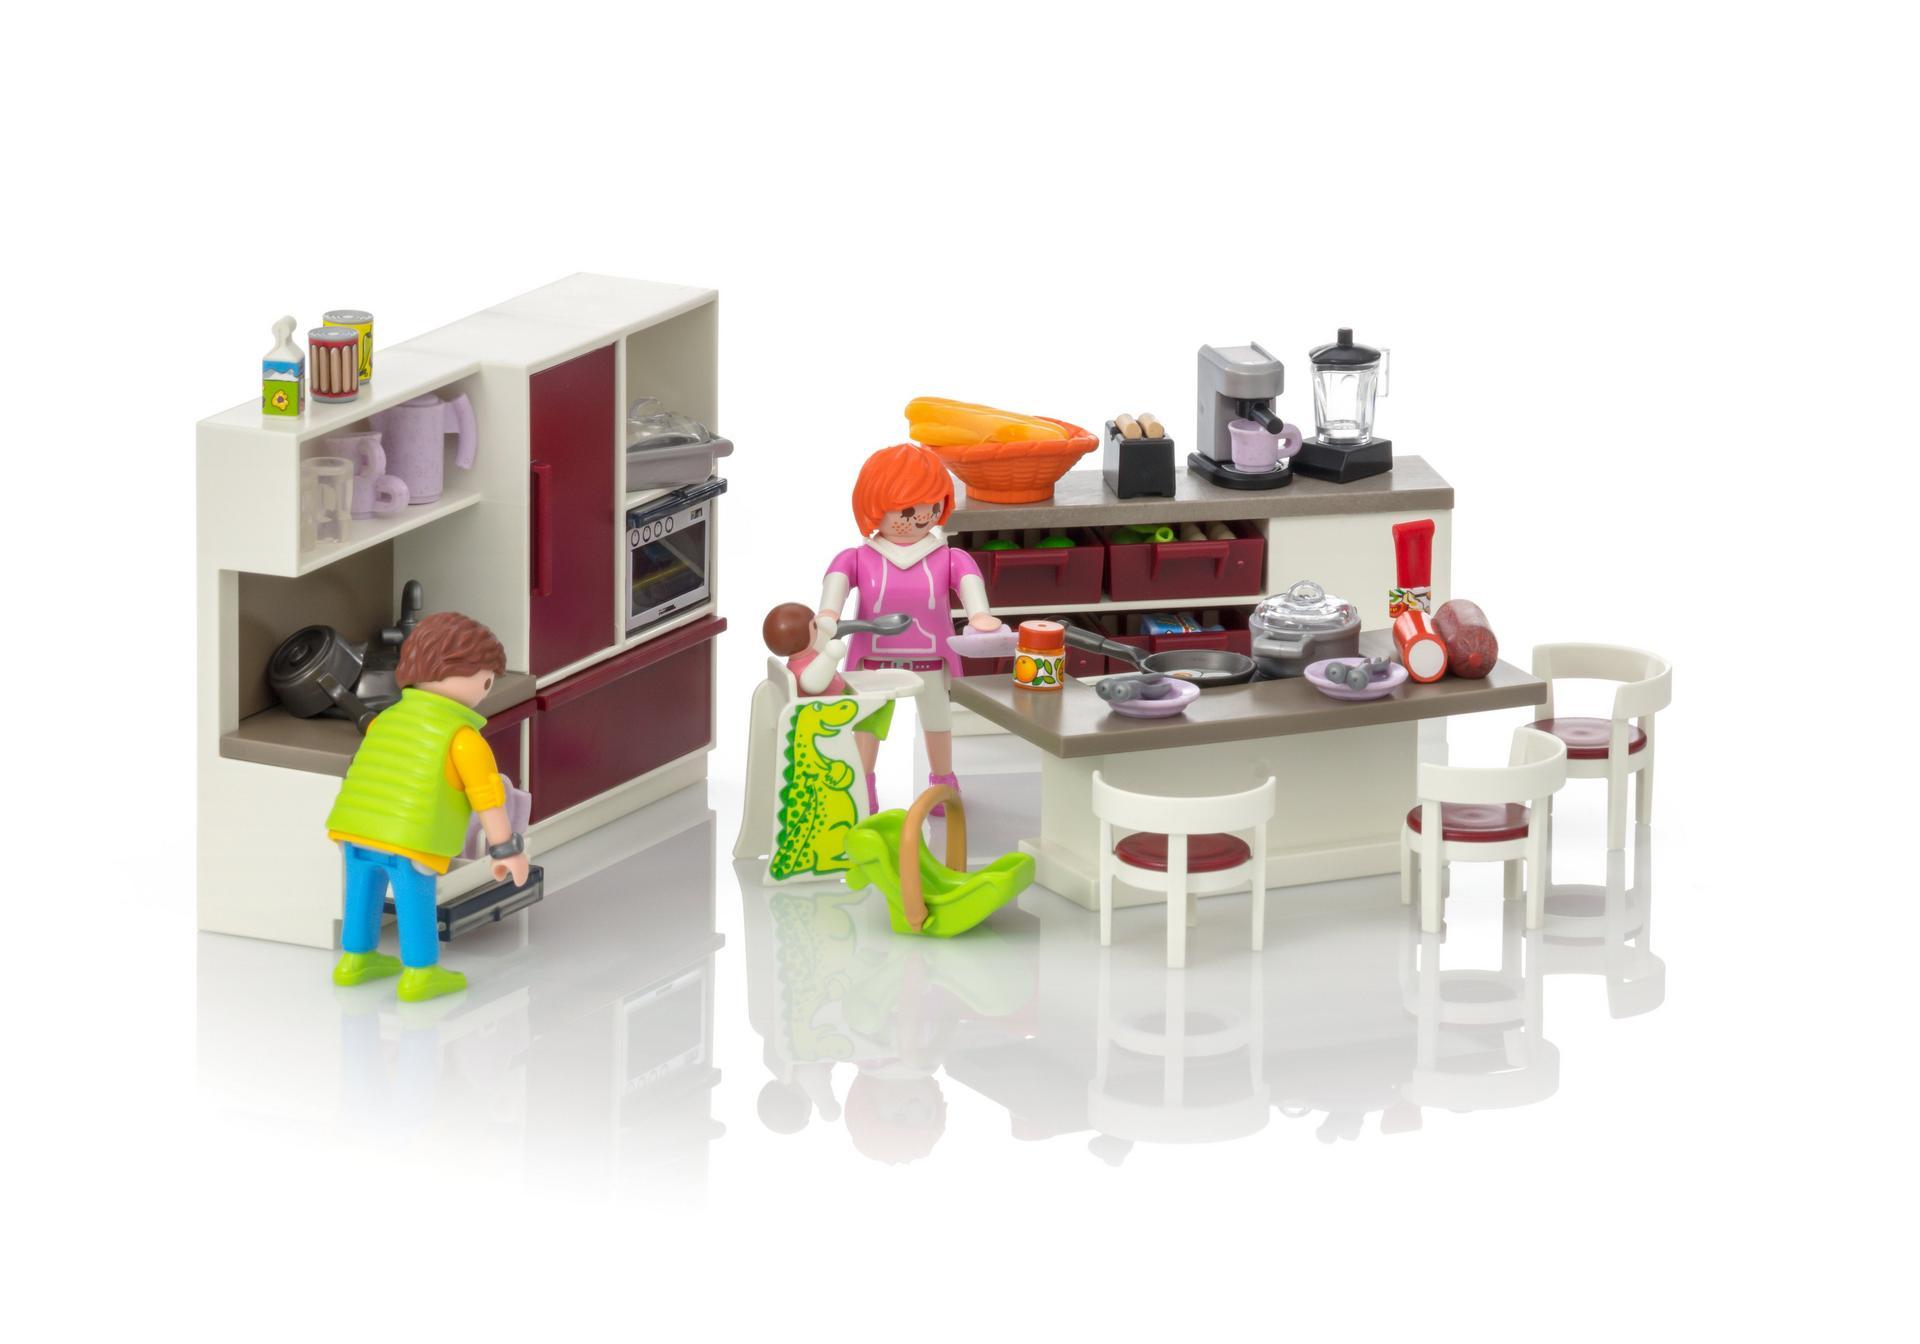 Playmobil Keuken 9269 : Leefkeuken 9269 playmobil® belgië